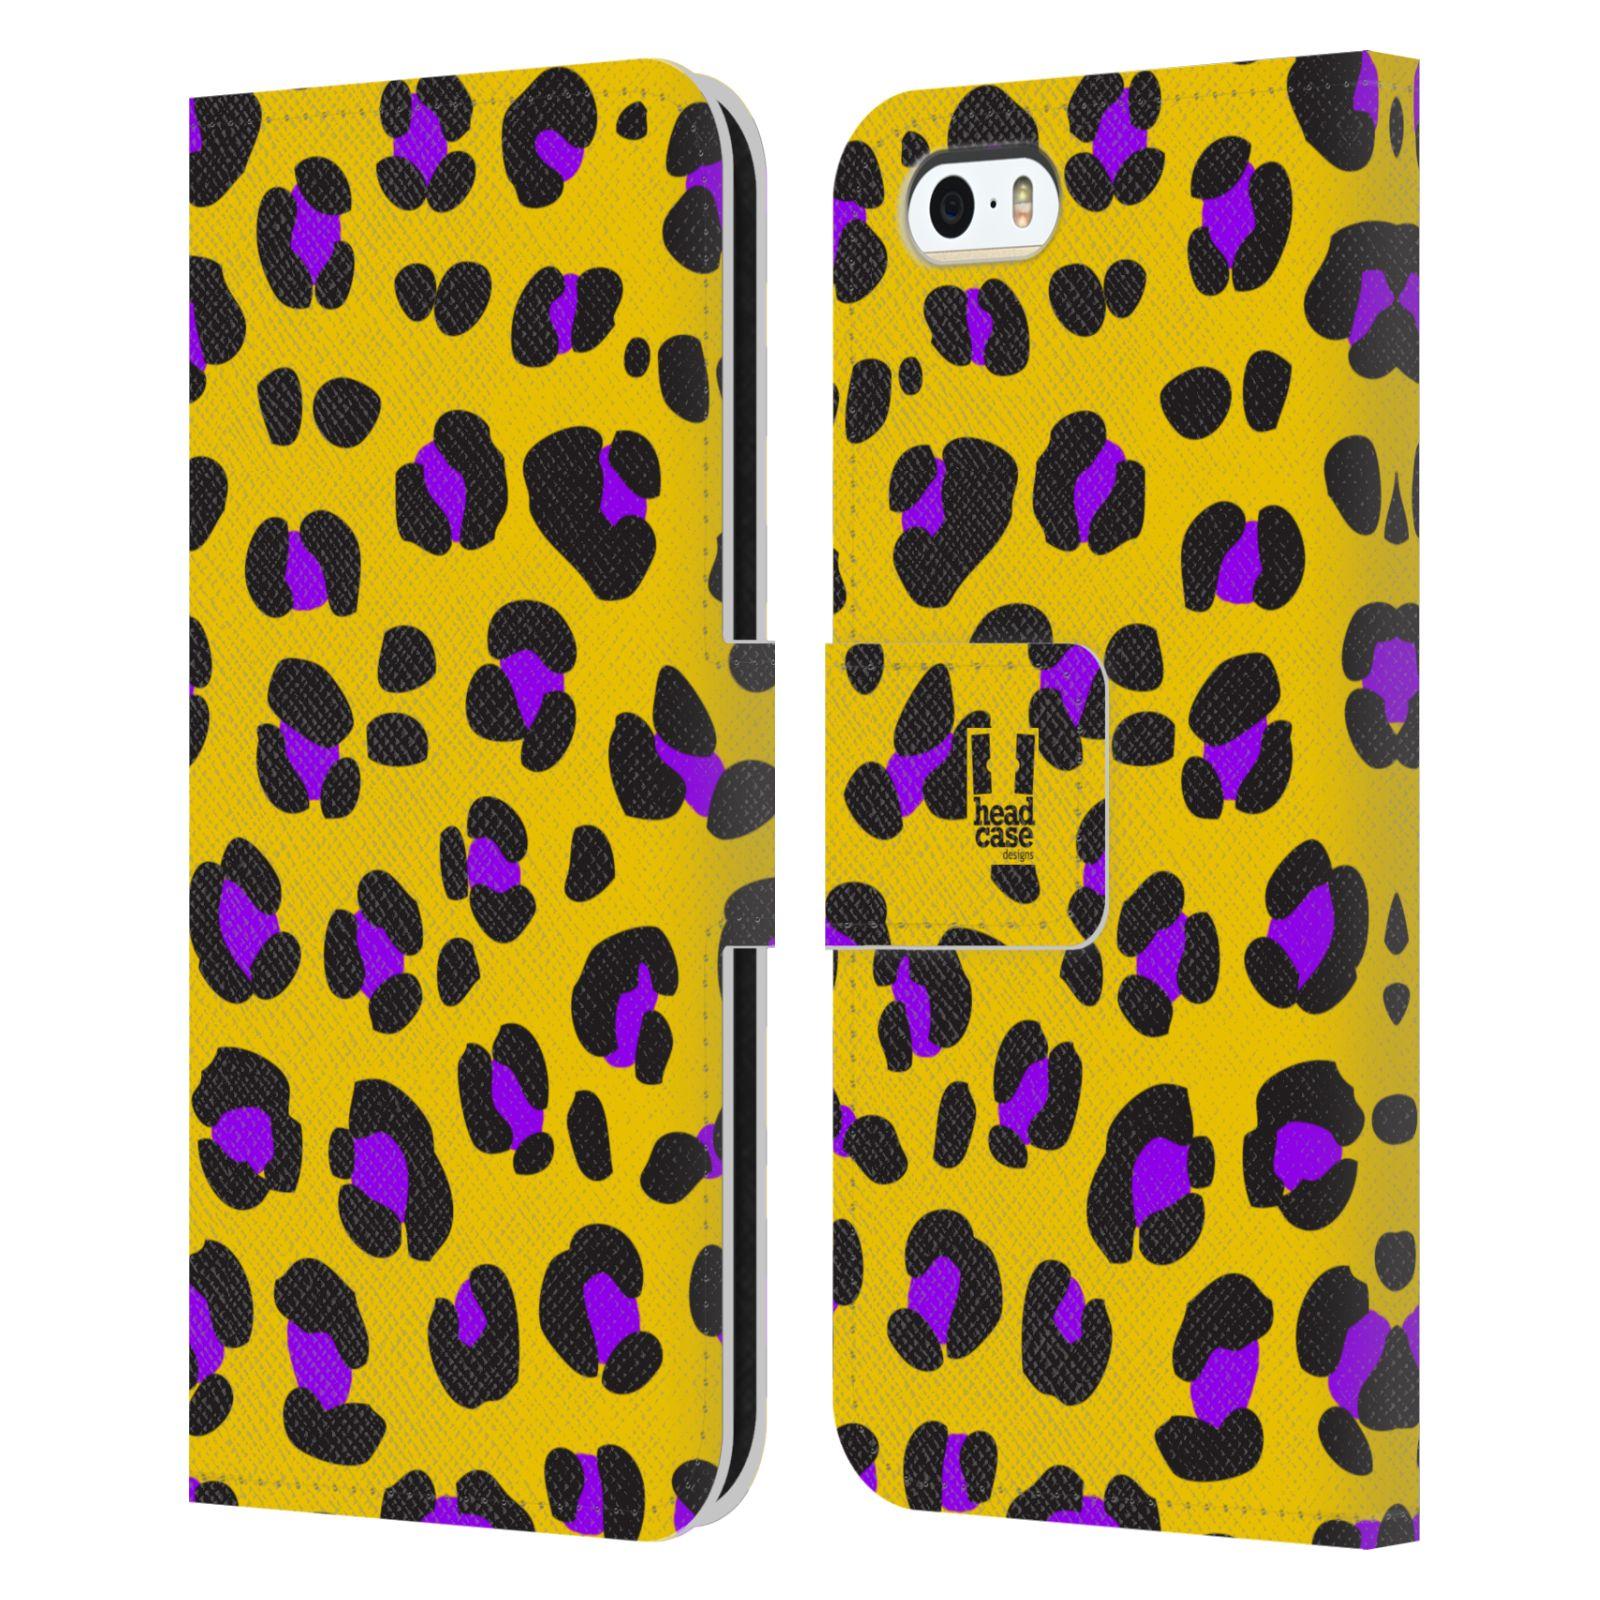 HEAD CASE Flipové pouzdro pro mobil Apple Iphone 5/5s Zvířecí barevné vzory žlutý leopard fialové skvrny